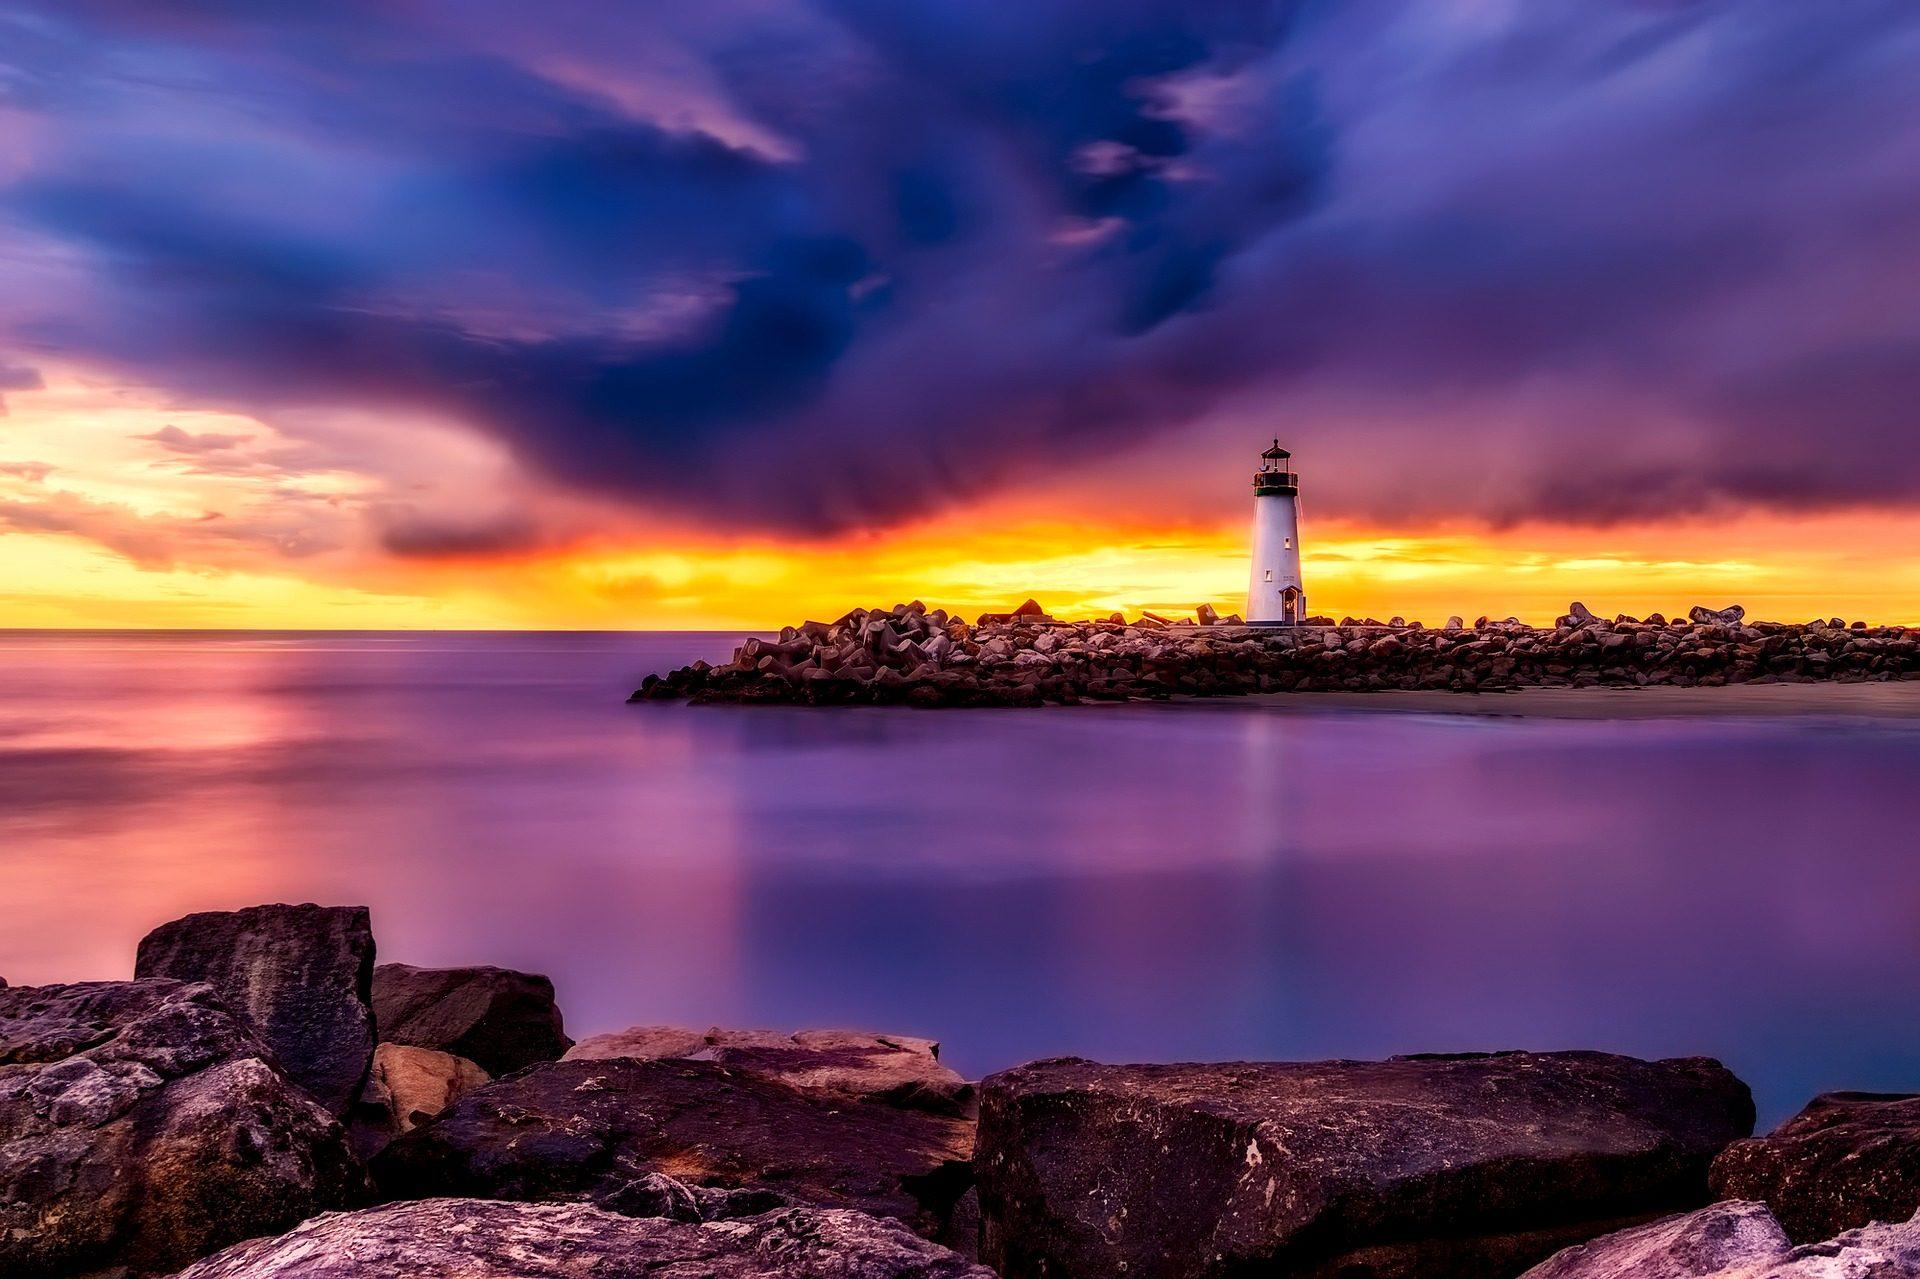 Carta da parati faro rocce pietre costa mare nuvole for Image ete fond ecran